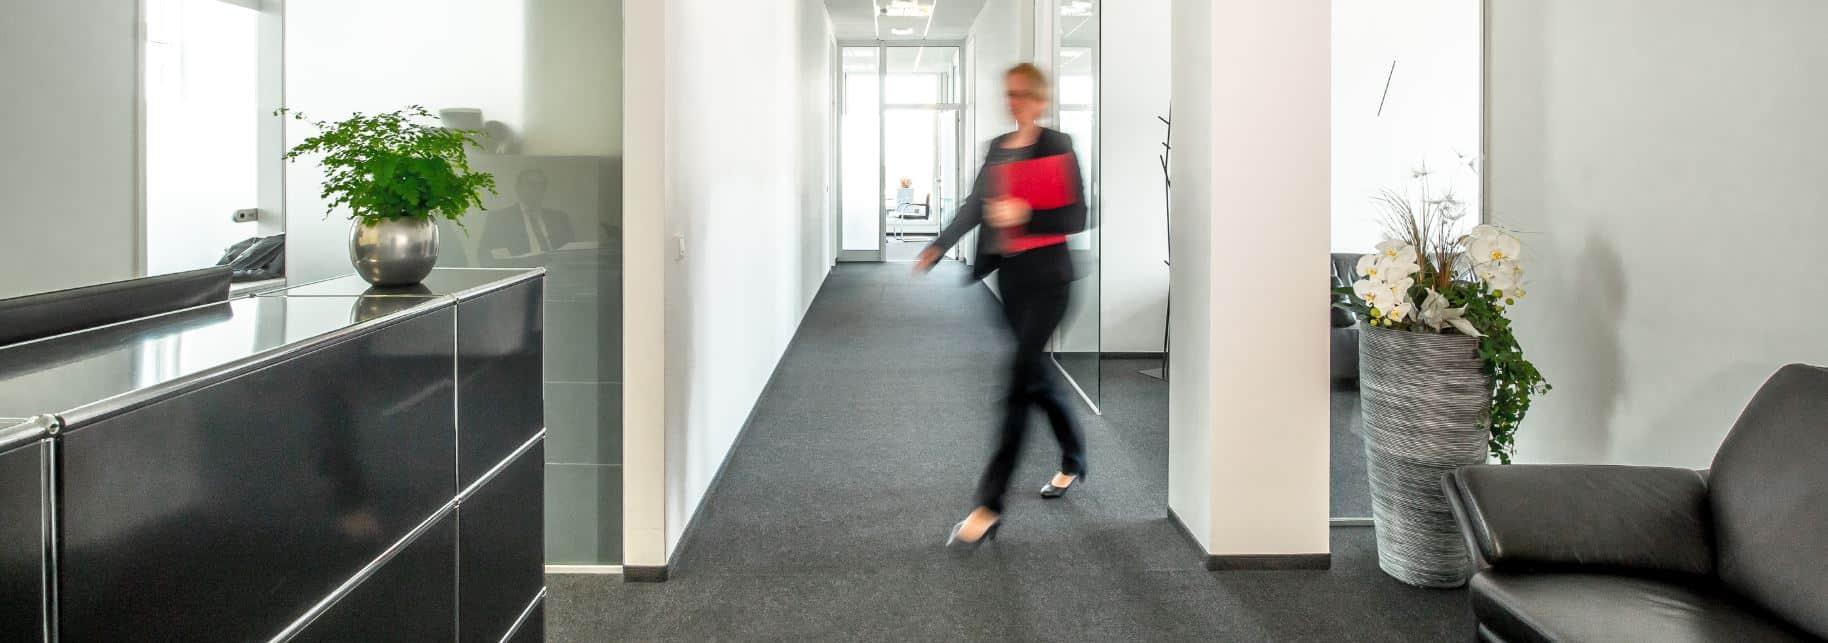 Innenaufnahme der kanzleiräumlichkeiten der Rechtsanwälte Goossens Brieger Breuers Zechlin